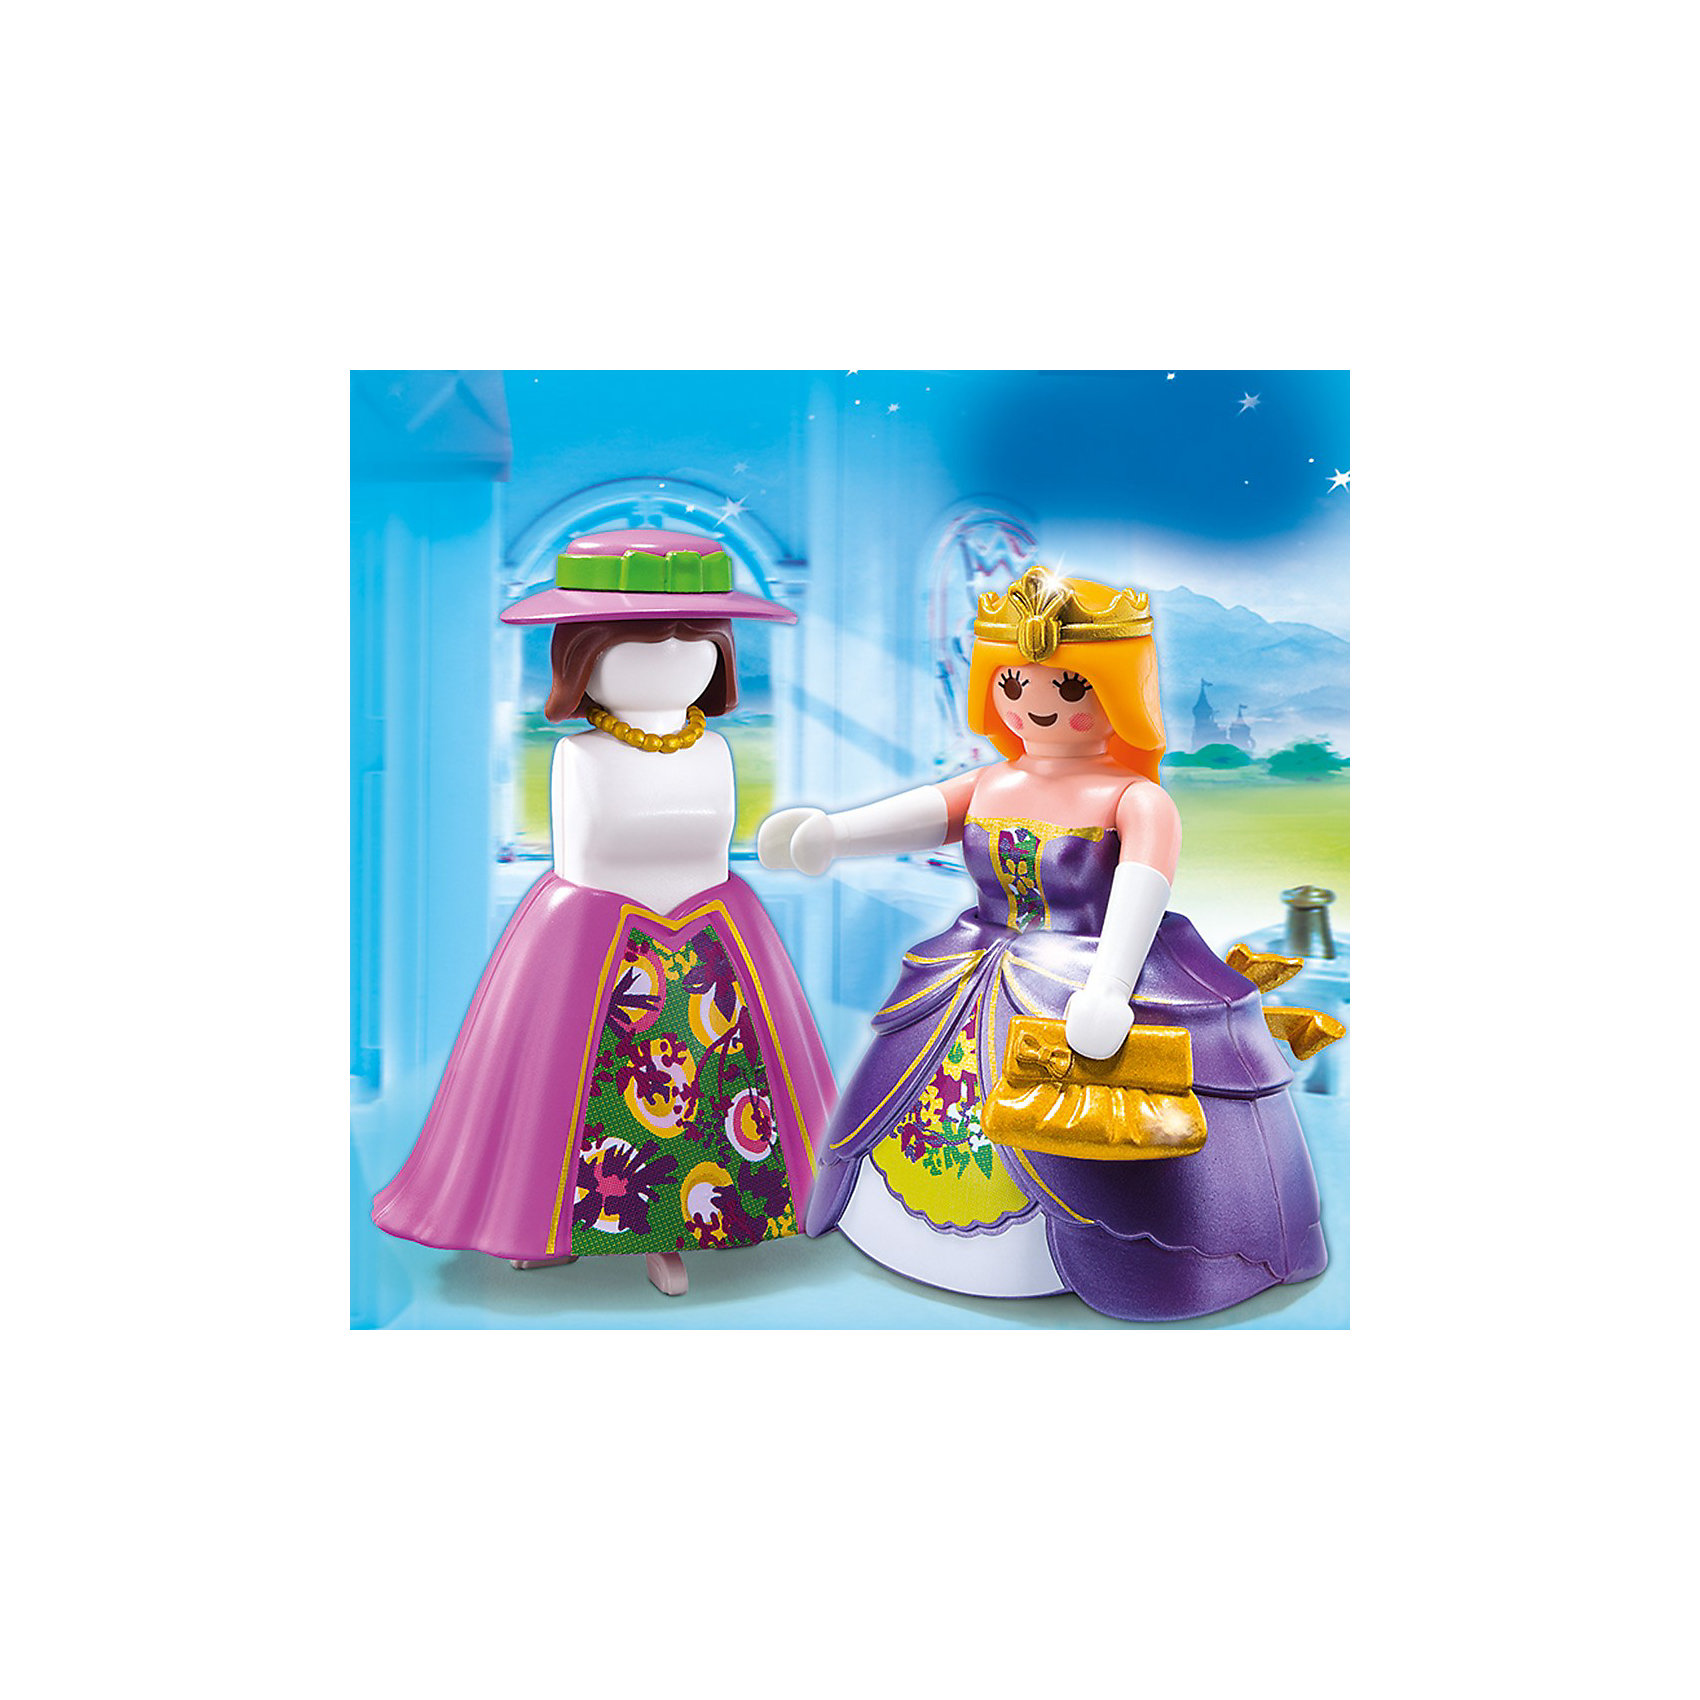 PLAYMOBIL 4781 Дополнение: Принцесса с манекеномПластмассовые конструкторы<br>Конструктор PLAYMOBIL (Плеймобил) 4781 Дополнение: Принцесса с манекеном - прекрасная возможность для ребенка проявить свой творческий потенциал! Серия Дополнение создана специально, чтобы сделать игры с Вашими конструкторами PLAYMOBIL (Плеймобил) еще интереснее.  Принцесса с манекеном станет прекрасным дополнением к наборам из серии Замок Мечты от PLAYMOBIL (Плеймобил). Принцесса собирается на бал или готовится к приему гостей. Помоги ей выбрать прическу и наряд. У нее есть замечательный манекен на котором она примеряет свои вещи. Создай увлекательные истории с набором PLAYMOBIL (Плеймобил) 4781 Дополнение: Принцесса с манекеном!<br><br>Дополнительная информация:<br><br>- Конструкторы PLAYMOBIL (Плеймобил) отлично развивают мелкую моторику, фантазию и воображение;<br>- В наборе: минифигурка принцессы, манекен, аксессуары;<br>- Количество деталей: 13 шт;<br>- Материал: безопасный пластик;<br>- Размер минифигурки: 7,5 см;<br>- Размер упаковки: 14 х 10 х 4 см<br><br>Конструктор PLAYMOBIL (Плеймобил) 4781 Дополнение: Принцесса с манекеном можно купить в нашем интернет-магазине.<br><br>Ширина мм: 140<br>Глубина мм: 103<br>Высота мм: 40<br>Вес г: 62<br>Возраст от месяцев: 48<br>Возраст до месяцев: 120<br>Пол: Женский<br>Возраст: Детский<br>SKU: 3350626